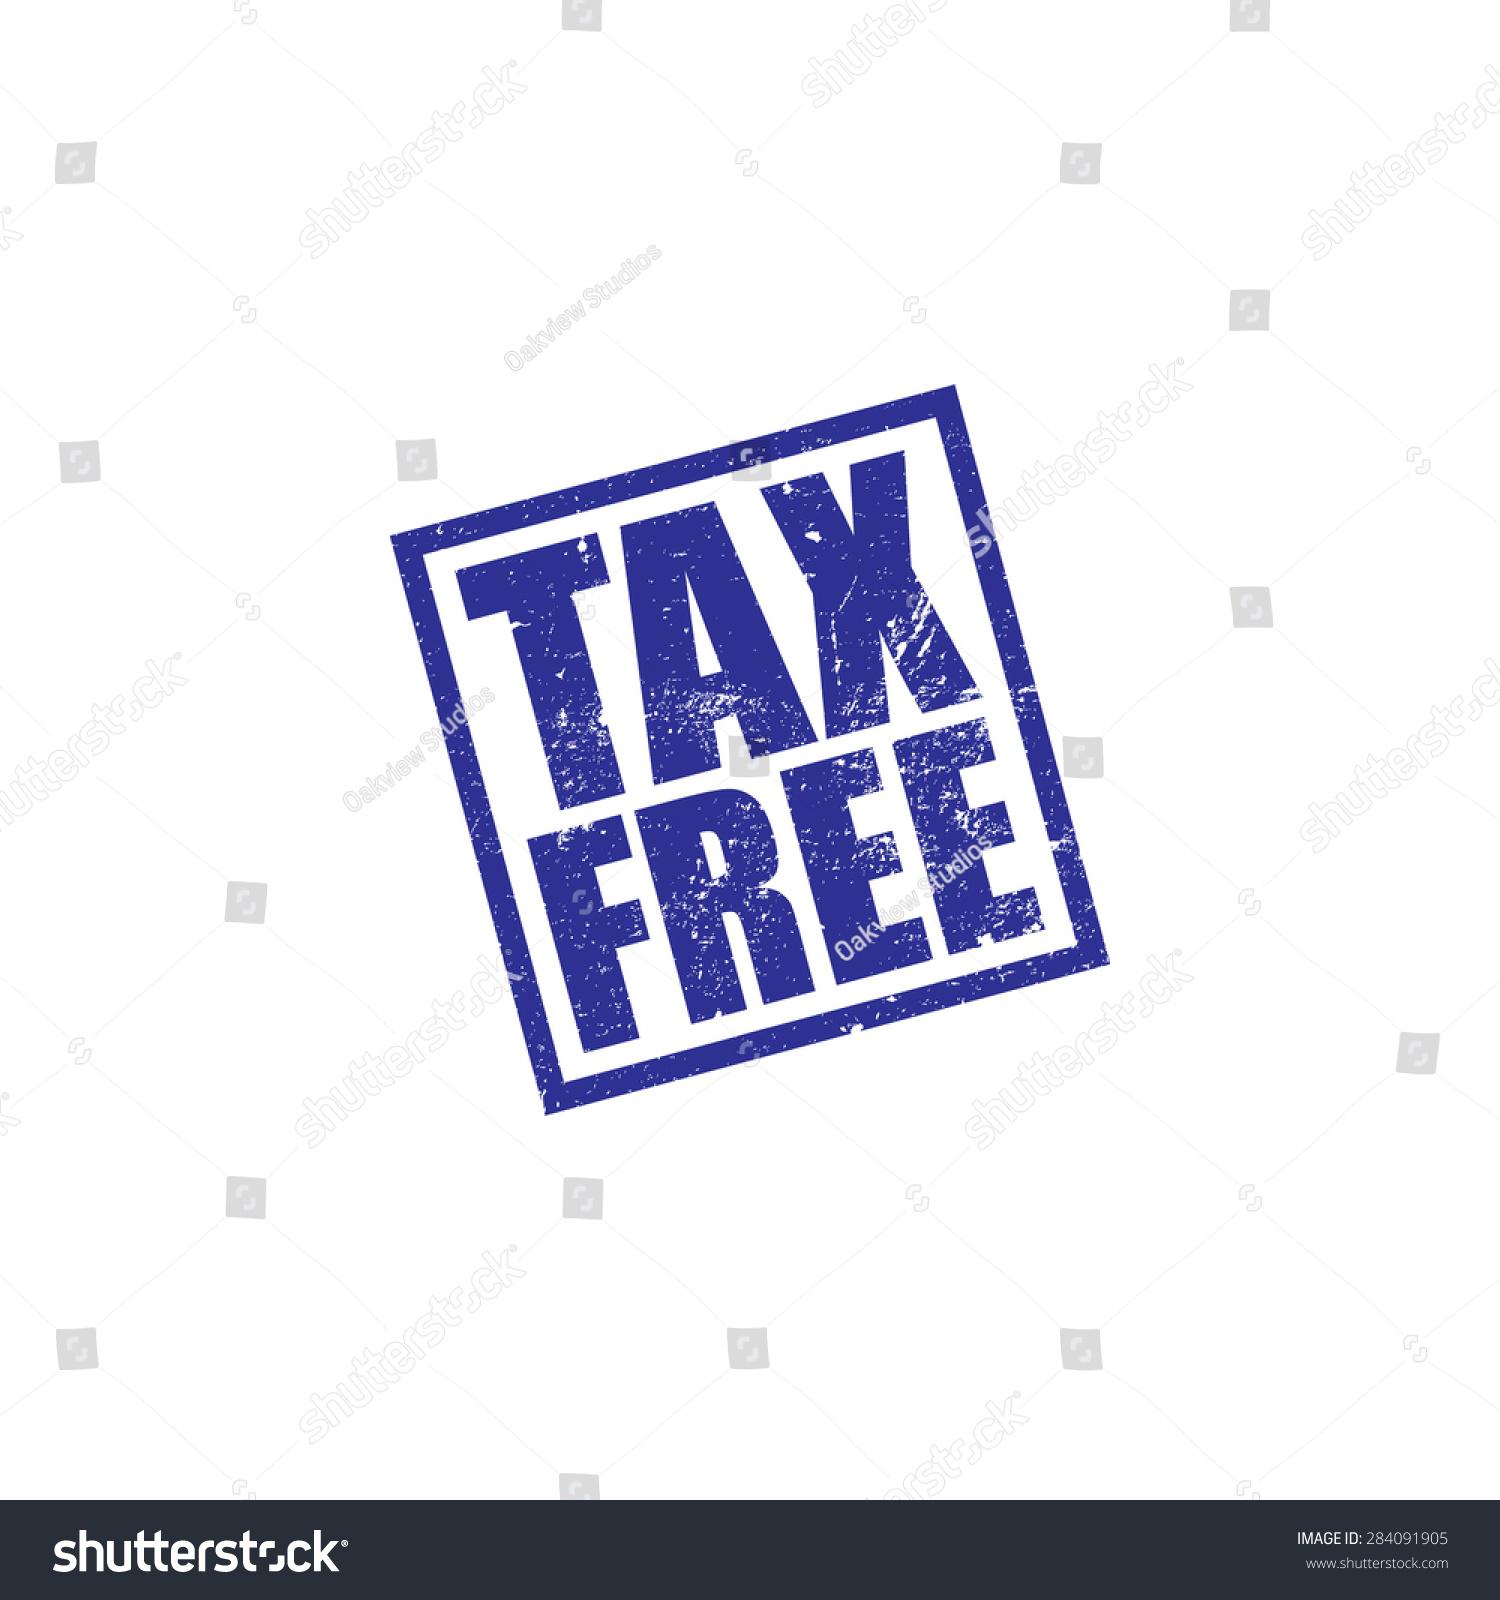 免税的,蹩脚的橡皮图章的作用,矢量图-商业/金融,其它